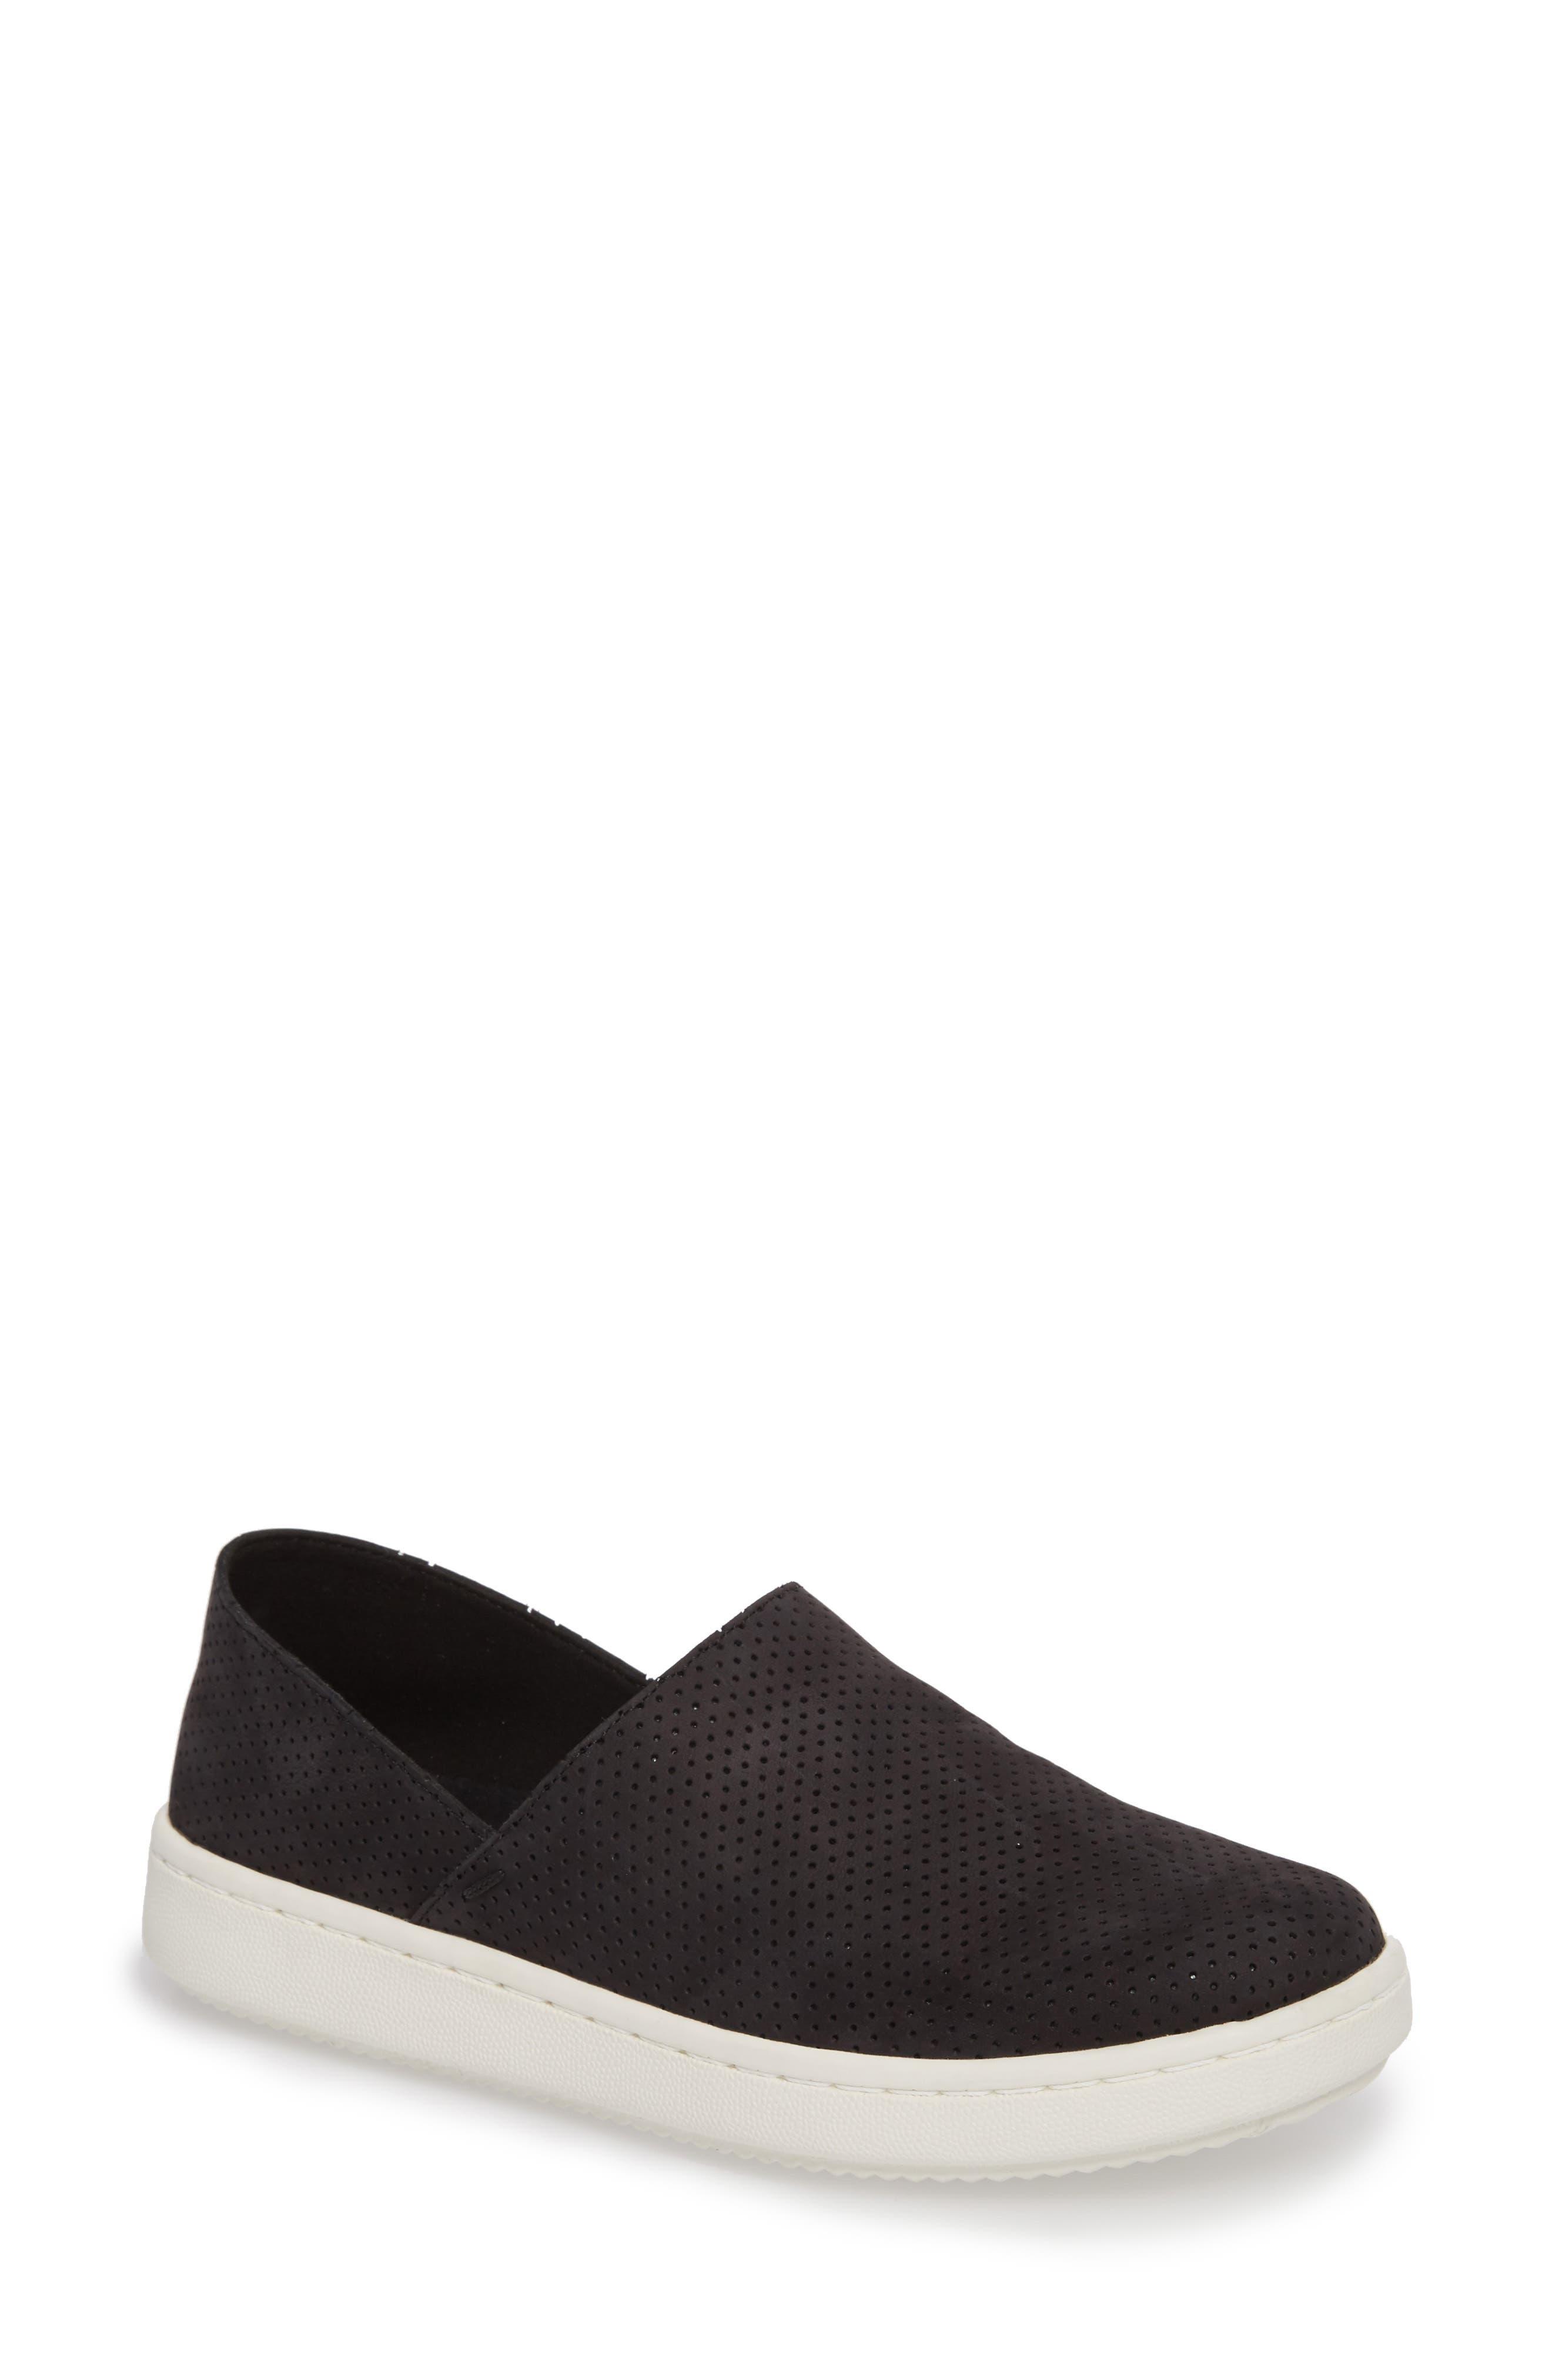 Panda Perforated Slip-On Sneaker,                             Main thumbnail 1, color,                             001